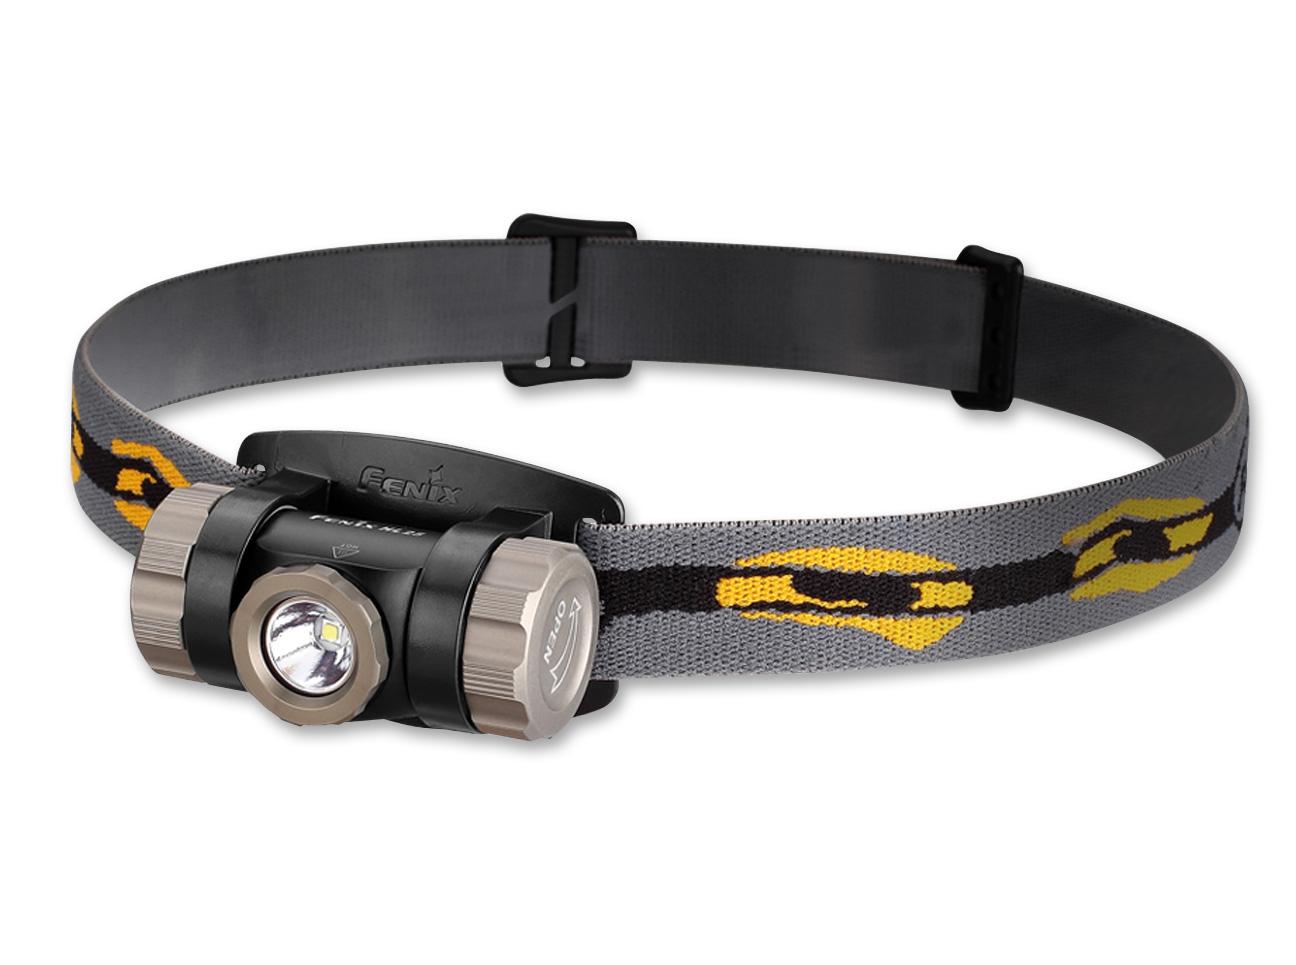 Фонарь FenixФонари<br>Источники питания: AAA,<br>Количество ламп: 1,<br>Тип лампы: светодиодная,<br>Тип: налобный,<br>Степень защиты от пыли и влаги: IP X8<br>